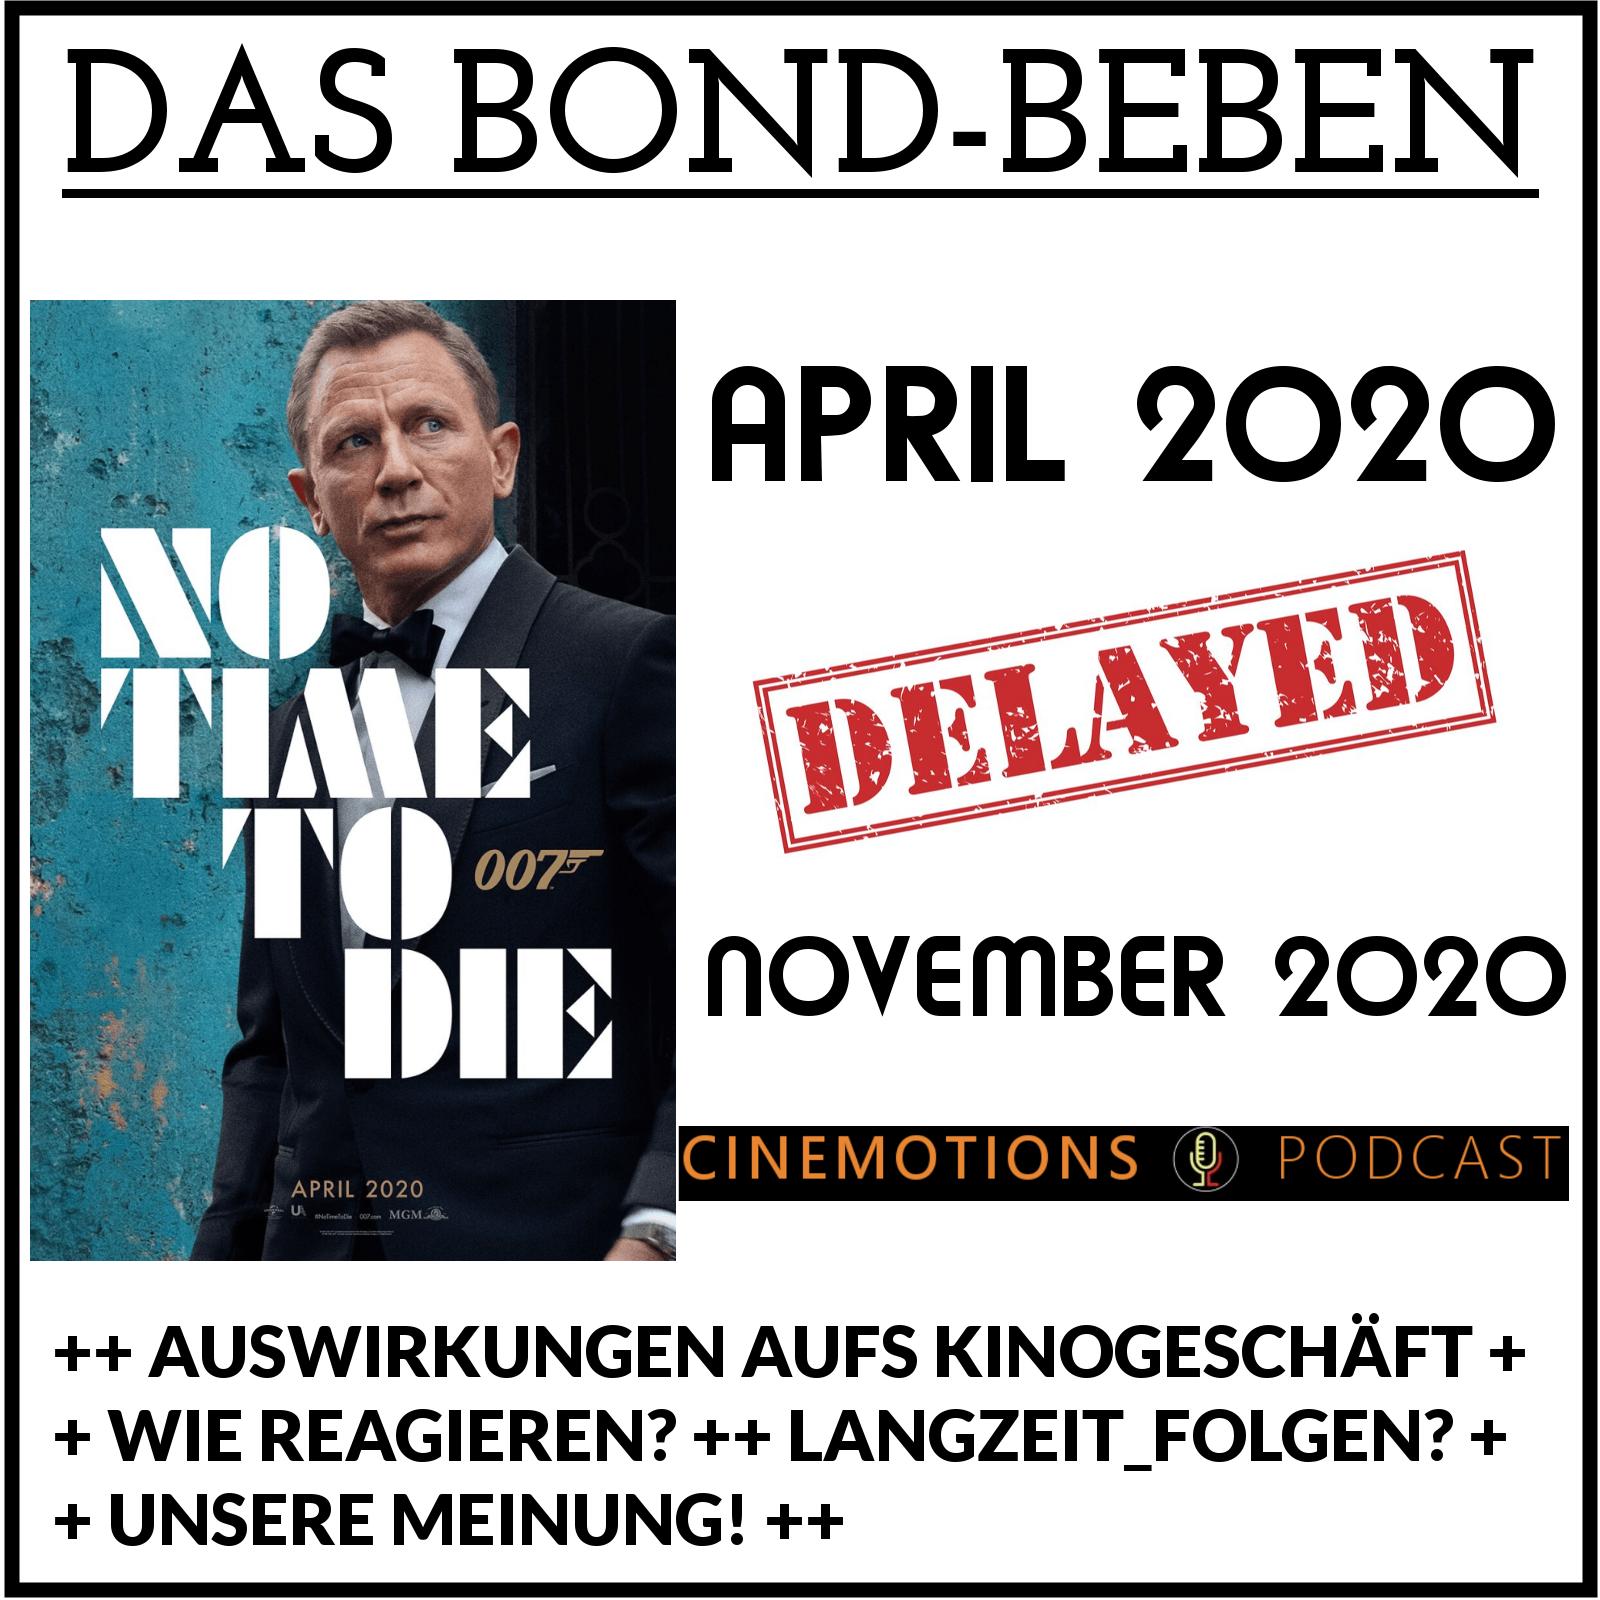 Das Bond-Beben!